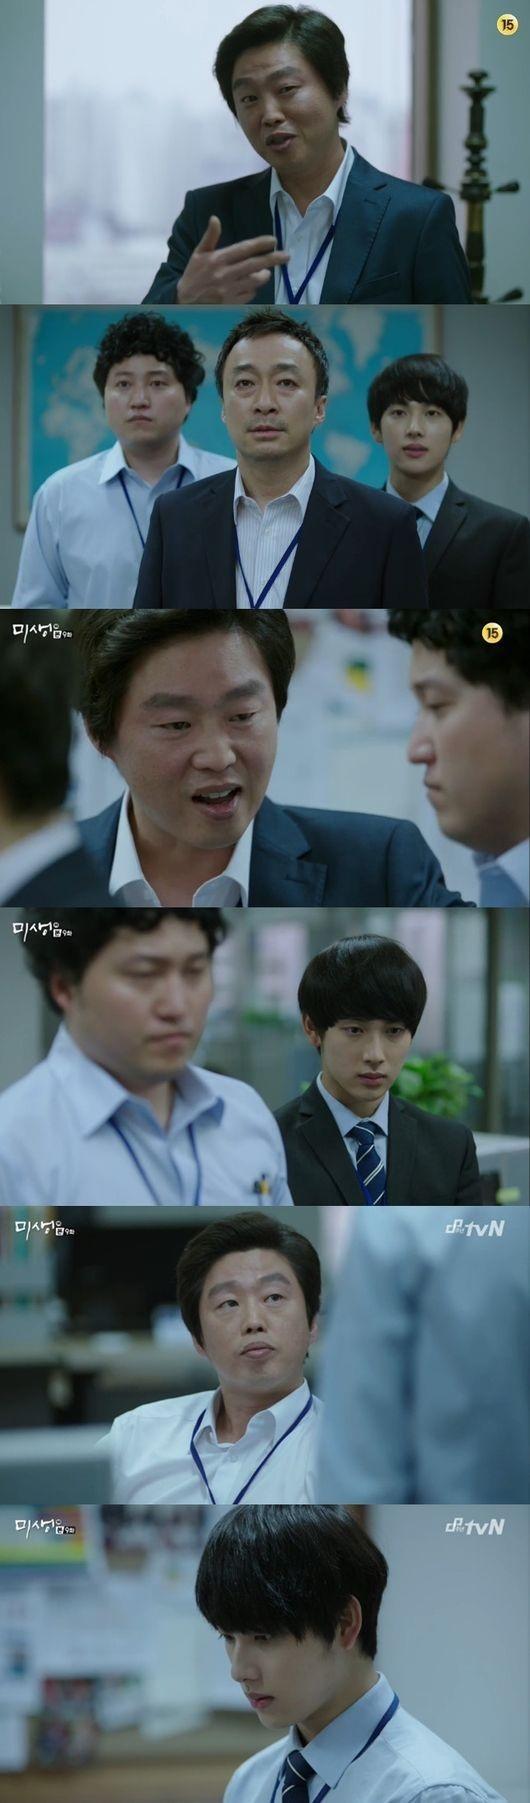 「ミセン」キム・ヒウォン、ZE:A シワンをいじめる意地悪な上司として初登場